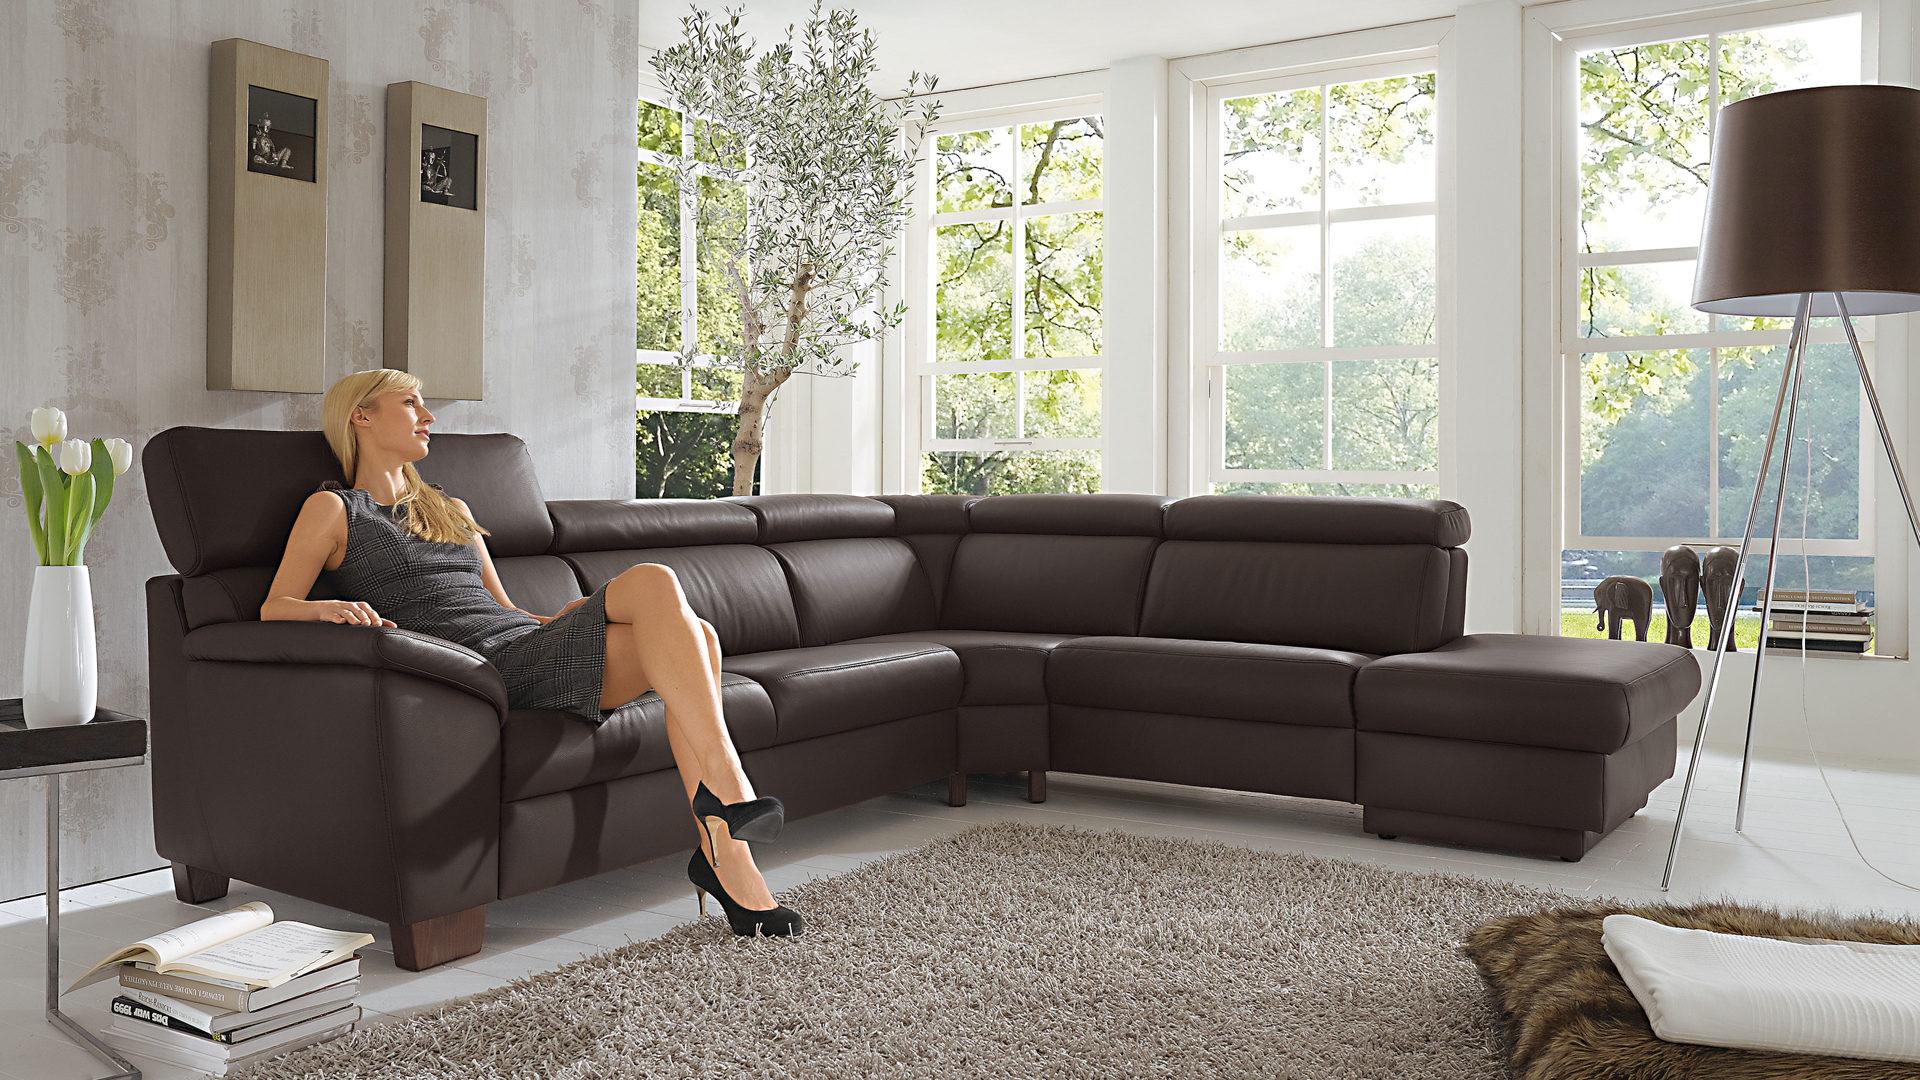 Wohnzimmer Sofa Rot Inspirierende Bilder Von Dekorieren